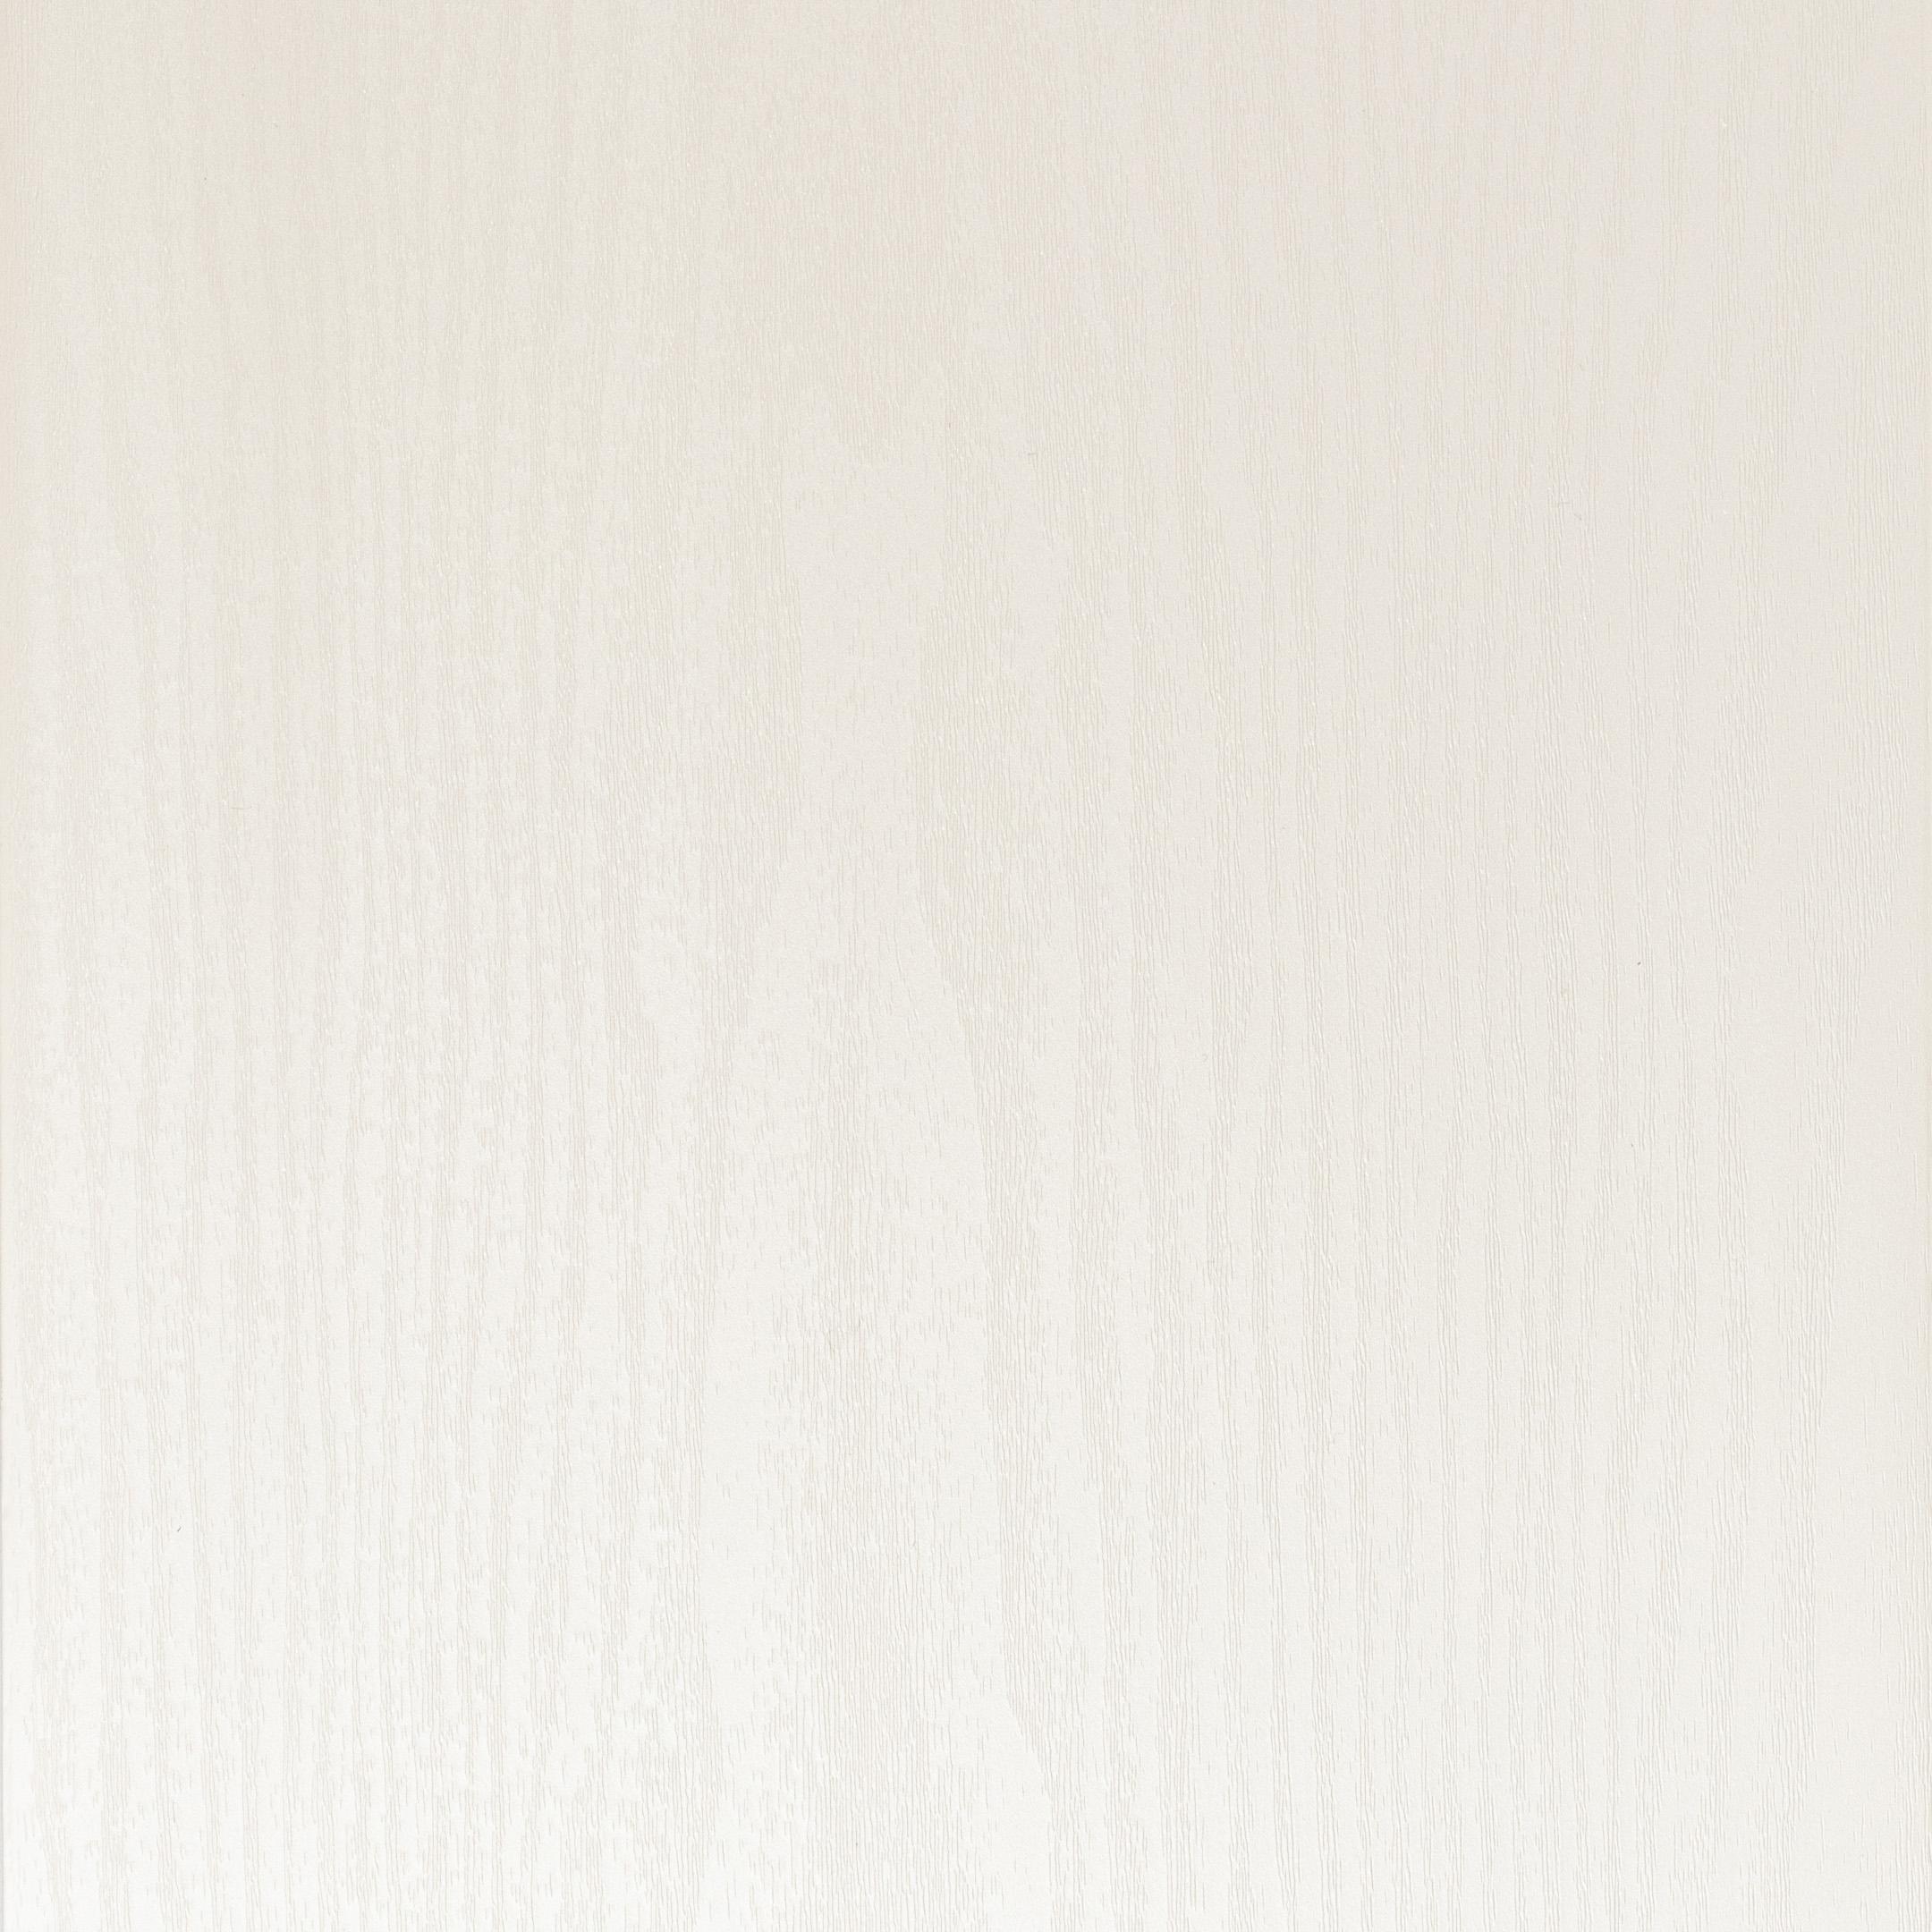 Панель ПВХ 250х2700х8 мм Nordside бесшовная ясень жемчужный ламинированная фото